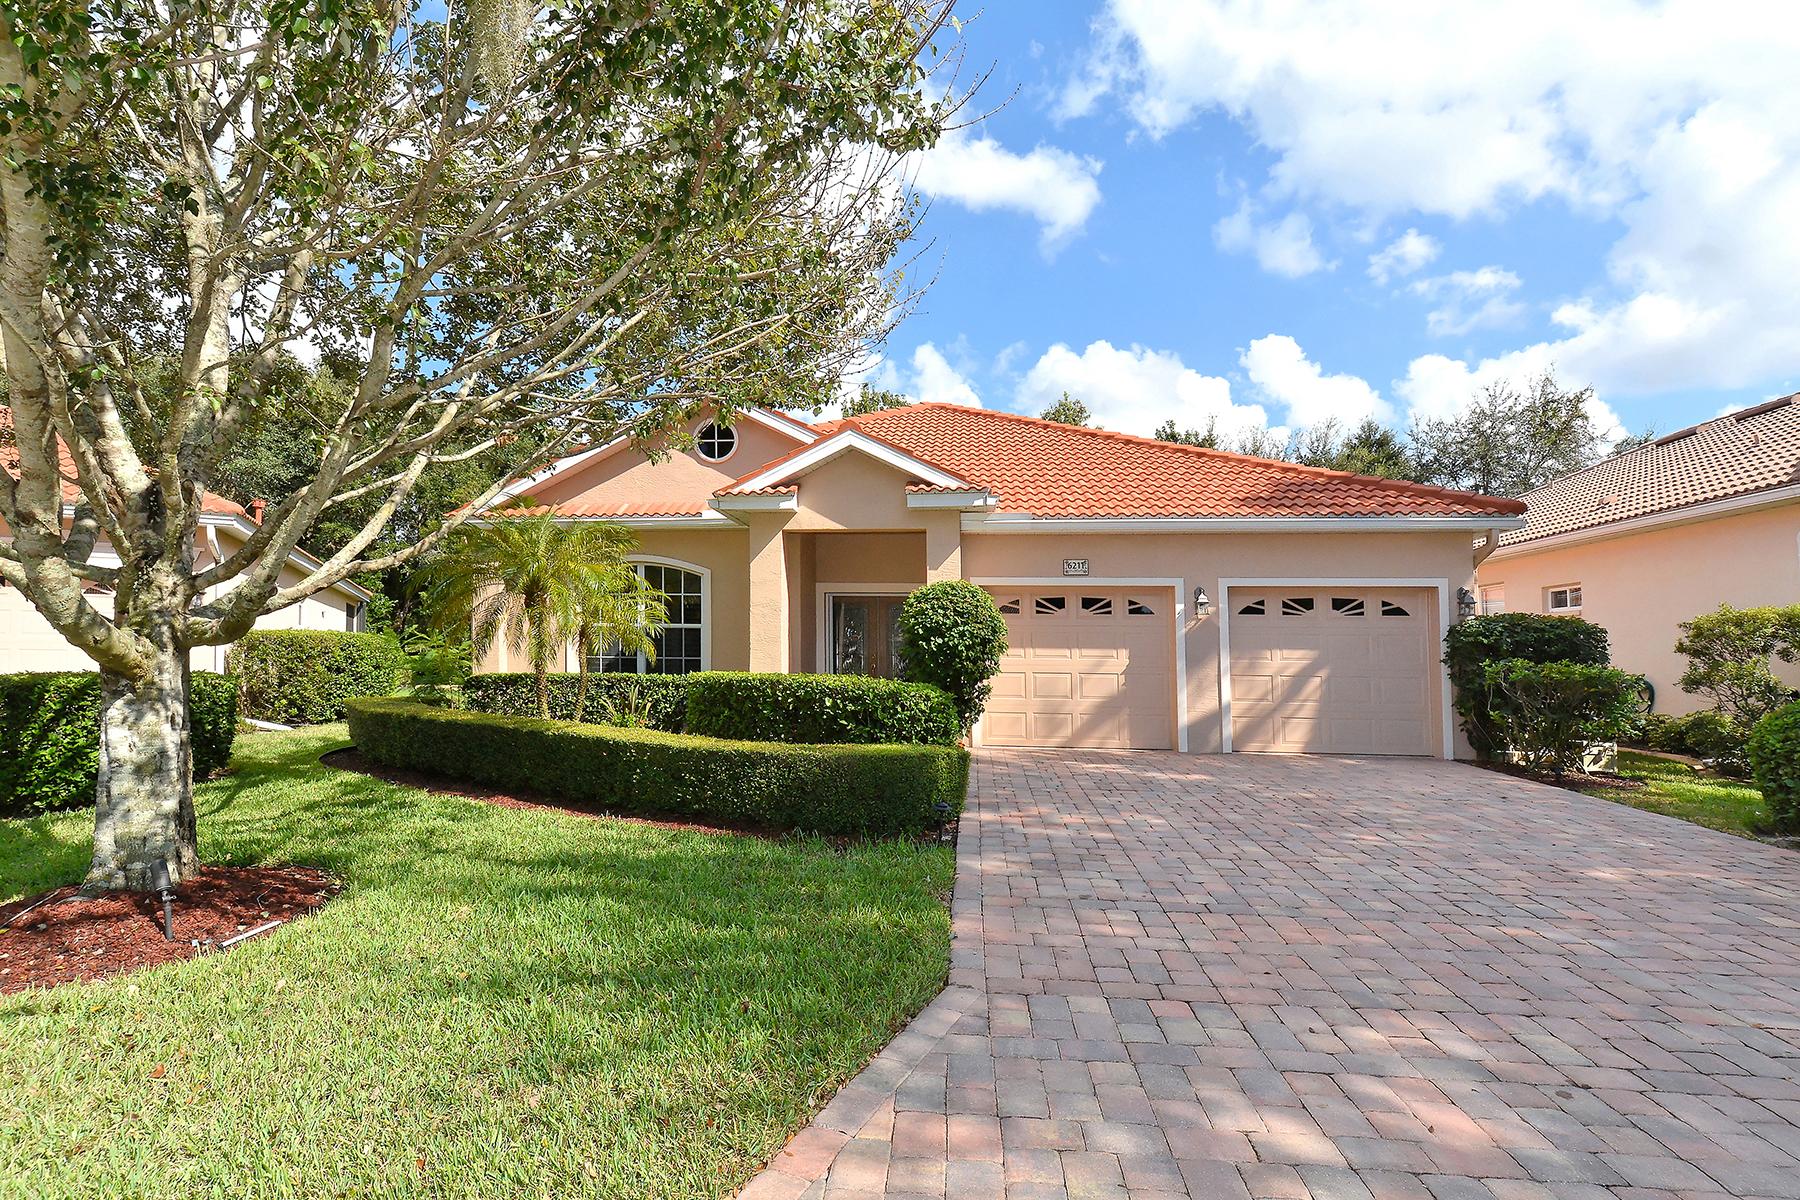 独户住宅 为 销售 在 TARA PRESERVE 6211 Skyward Ct Bradenton, 佛罗里达州 34203 美国